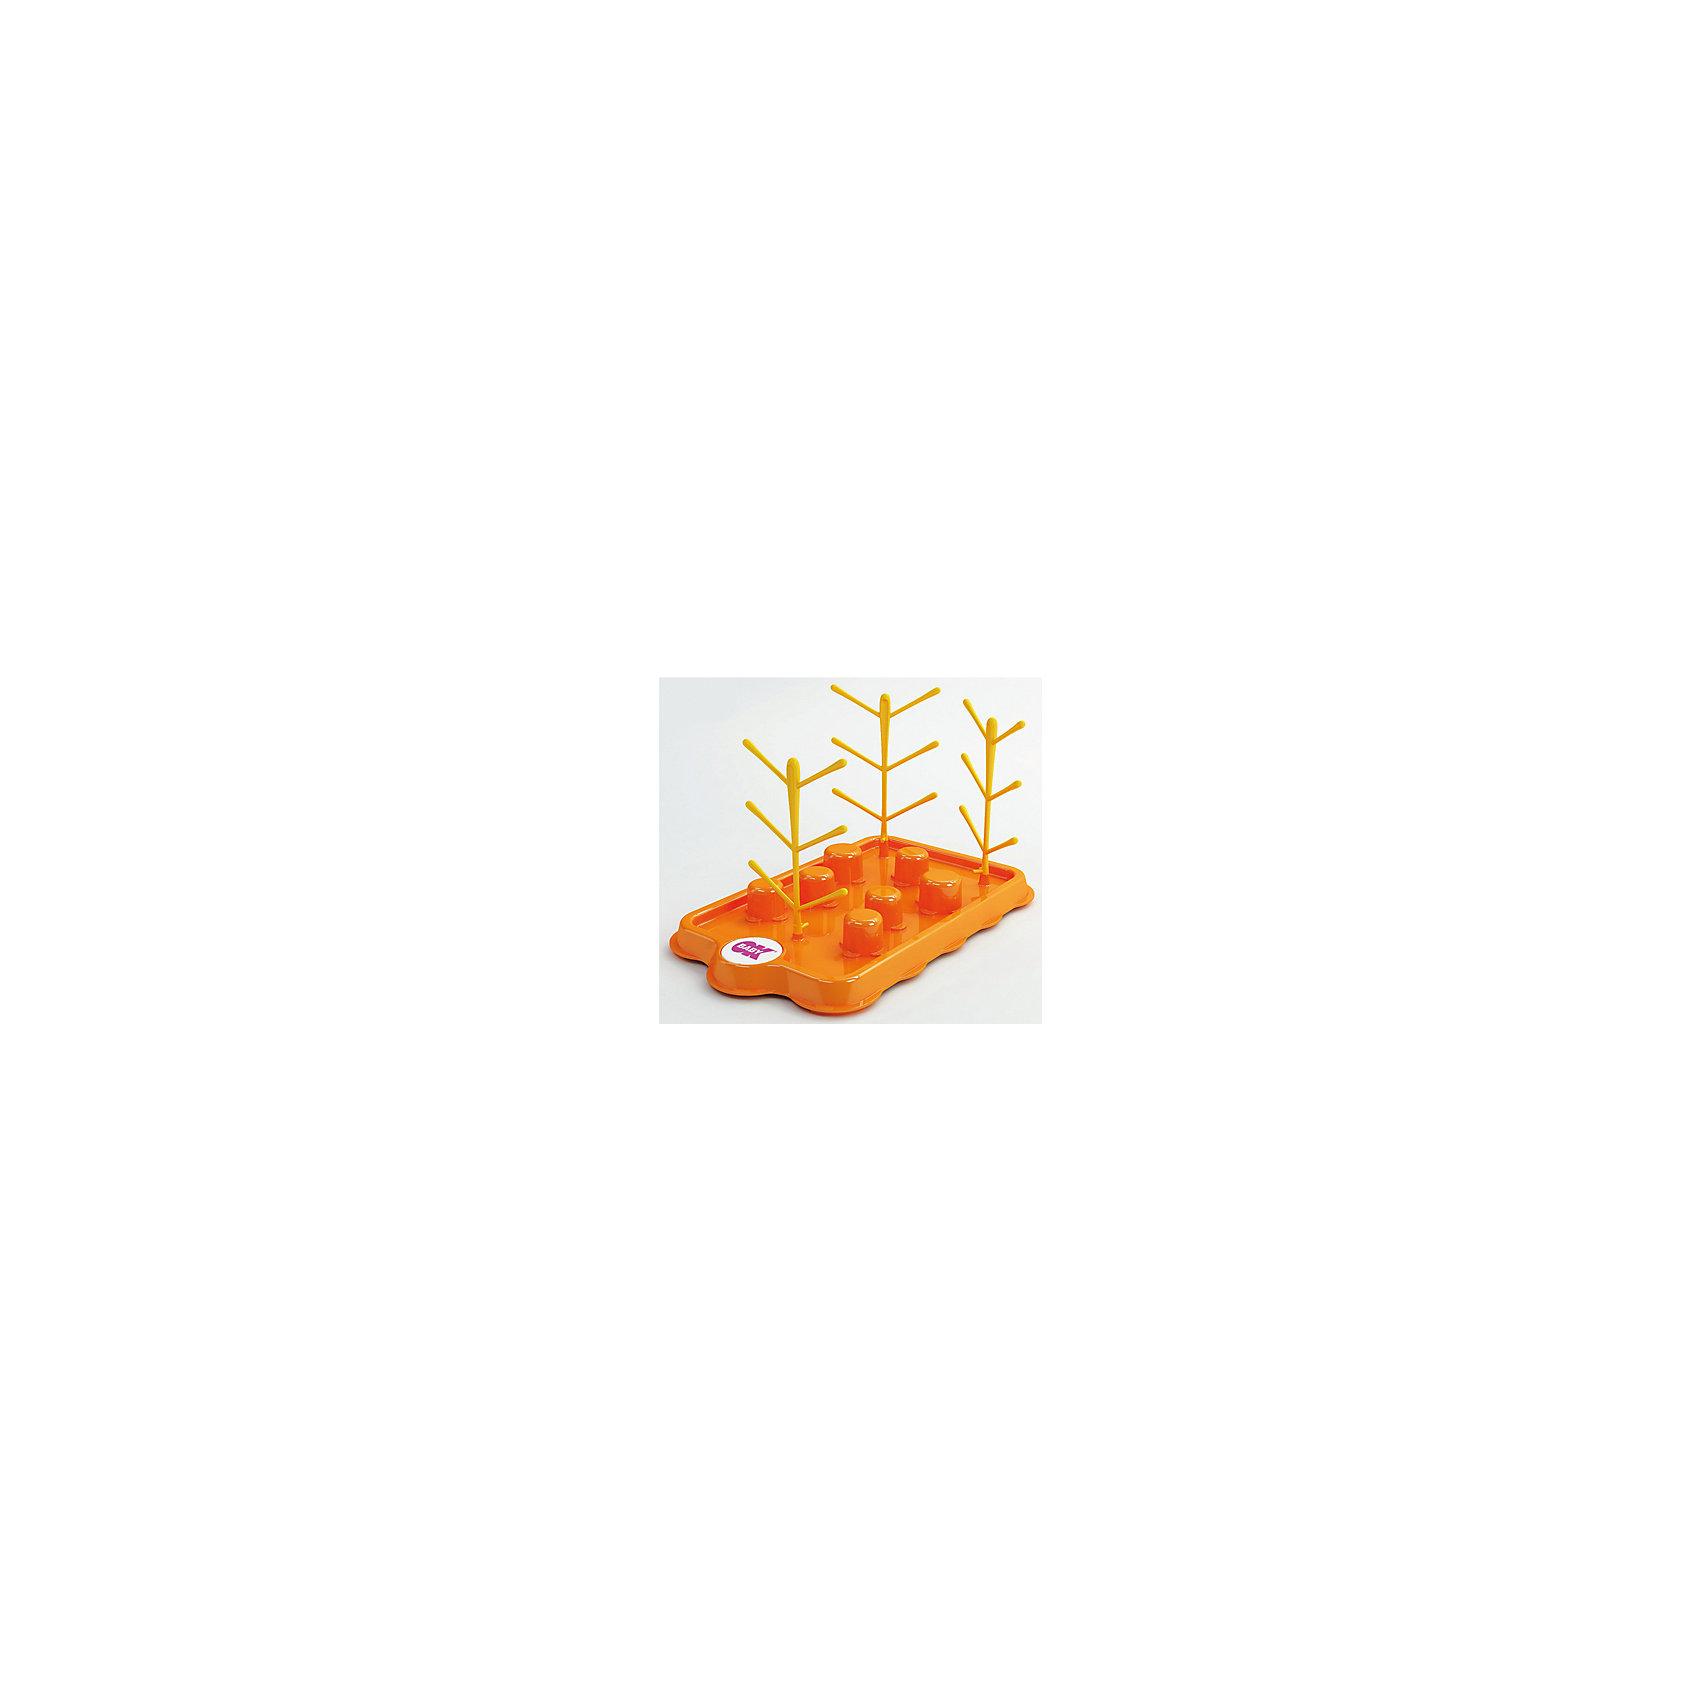 Поднос-сушилка для бутылочек и сосок, Bibosec, Ok Baby, оранжевыйДетскую посуду лучше сушить отдельно от взрослой. Сушилка для бутылочек предназначена для устранения лишней влаги с баночек, бутылочек и сосок после их мытья. Изделие выполнено из высококачественного безопасного для детей пластика, может одновременно держать до 8 предметов.<br><br>Дополнительная информация:<br><br>- Материал: пластик.<br>- Размер: 20х18х32 см.<br>- Может держать до 8 предметов одновременно. <br>- Допускается мыть в посудомойке.<br><br>Поднос-сушилку для бутылочек и сосок, Bibosec, Ok Baby, оранжевый, можно купить в нашем магазине.<br><br>Ширина мм: 220<br>Глубина мм: 180<br>Высота мм: 200<br>Вес г: 300<br>Возраст от месяцев: 0<br>Возраст до месяцев: 36<br>Пол: Унисекс<br>Возраст: Детский<br>SKU: 4443714